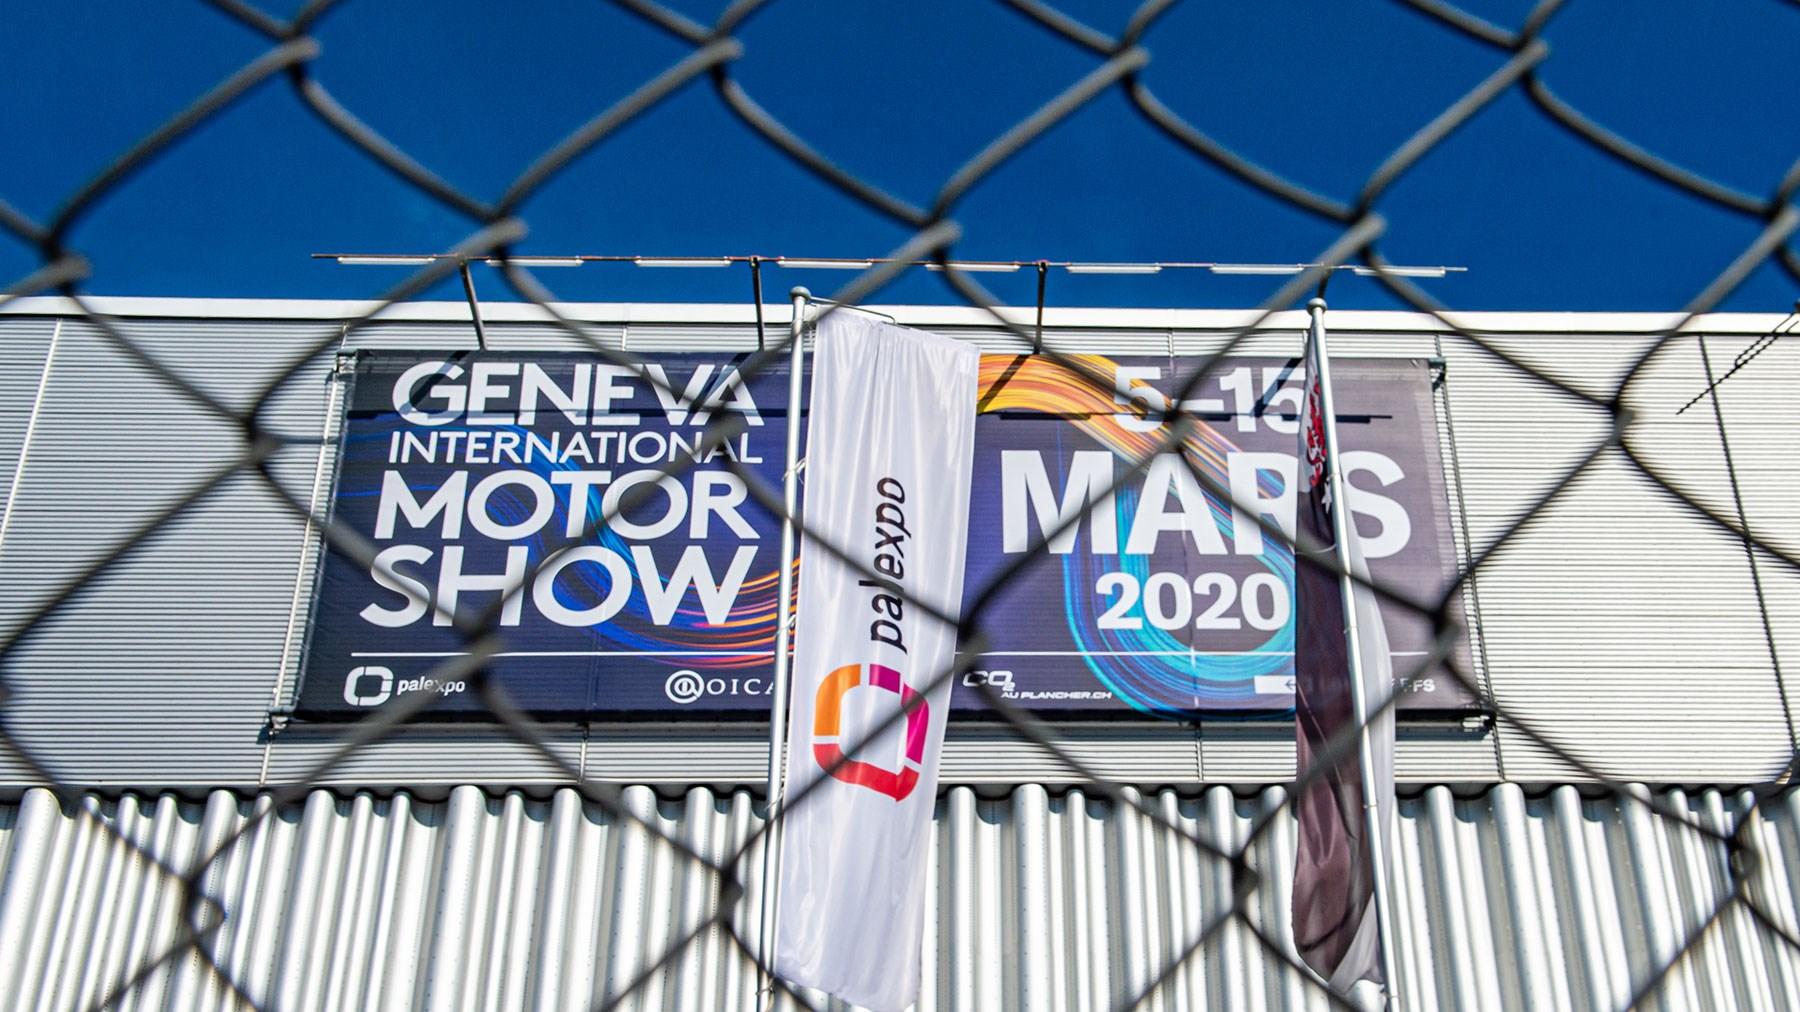 Salão de Genebra de 2020 foi cancelado devido ao coronavírus